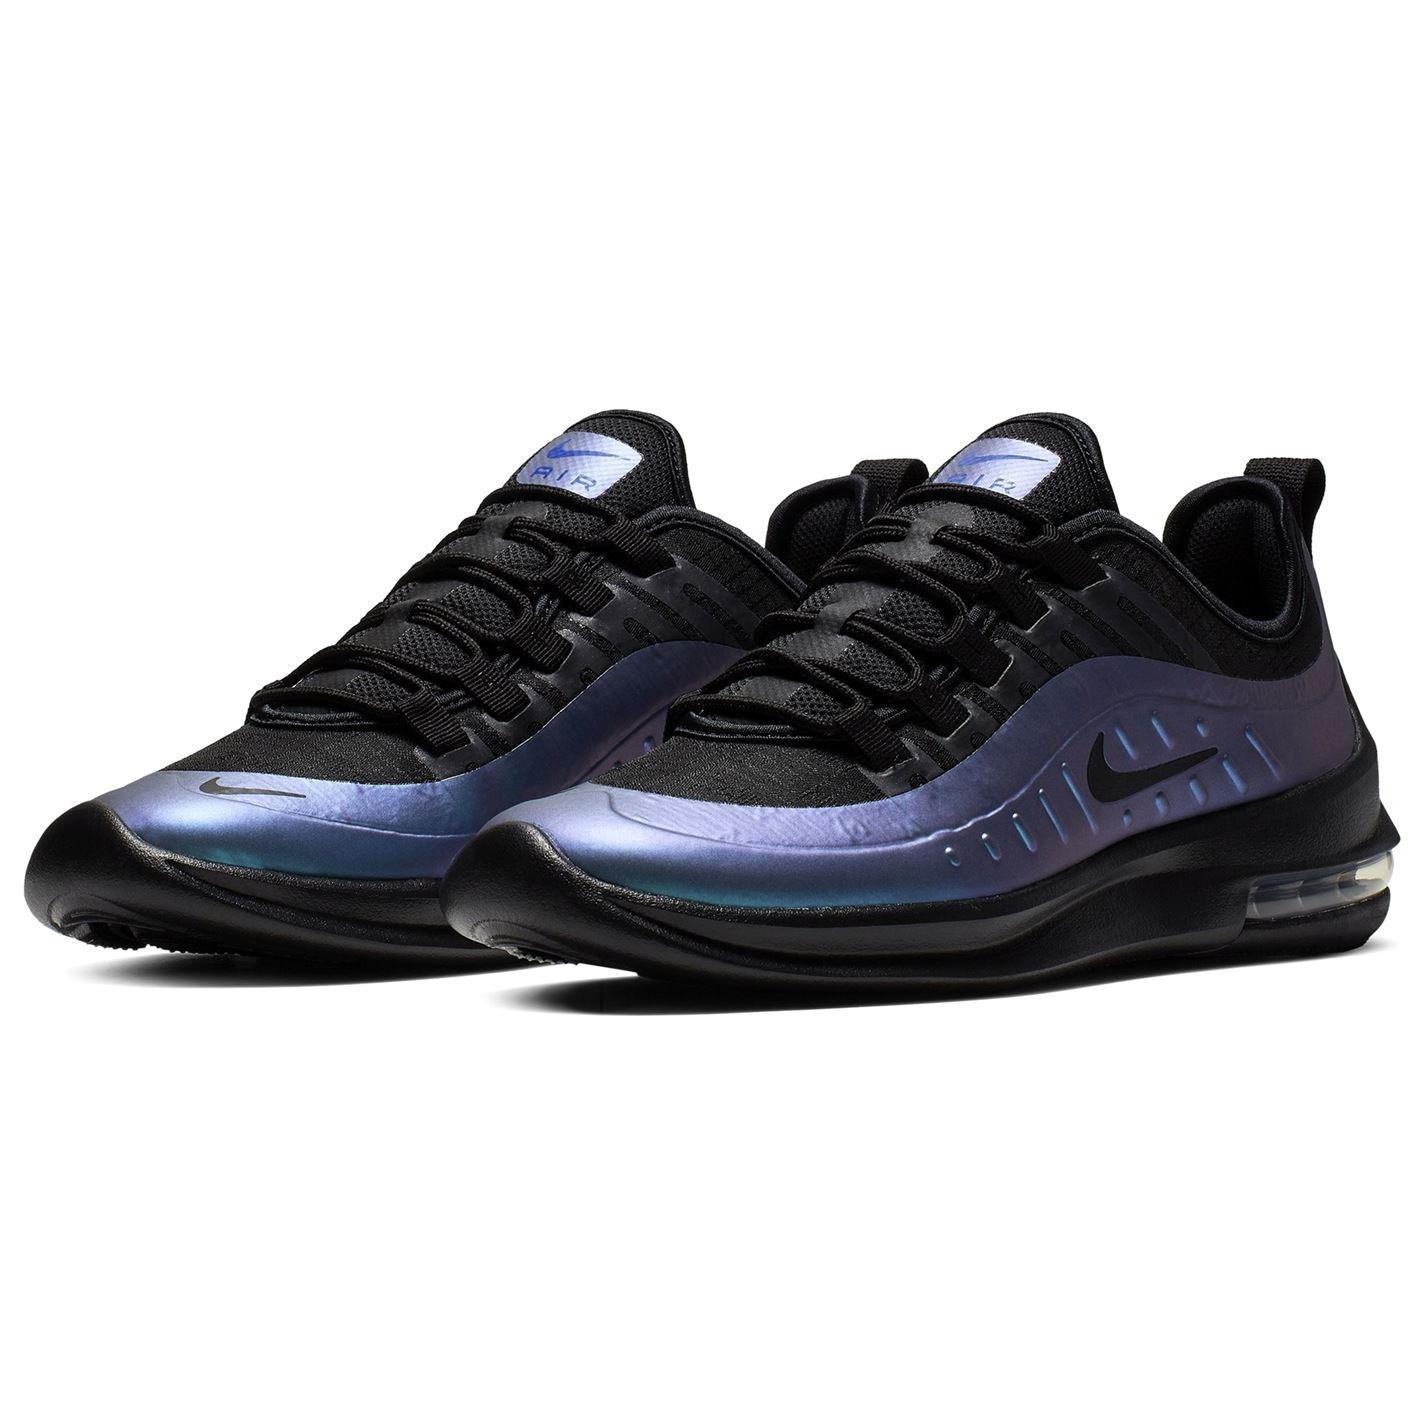 Nike Air Max Axis pánské tenisky